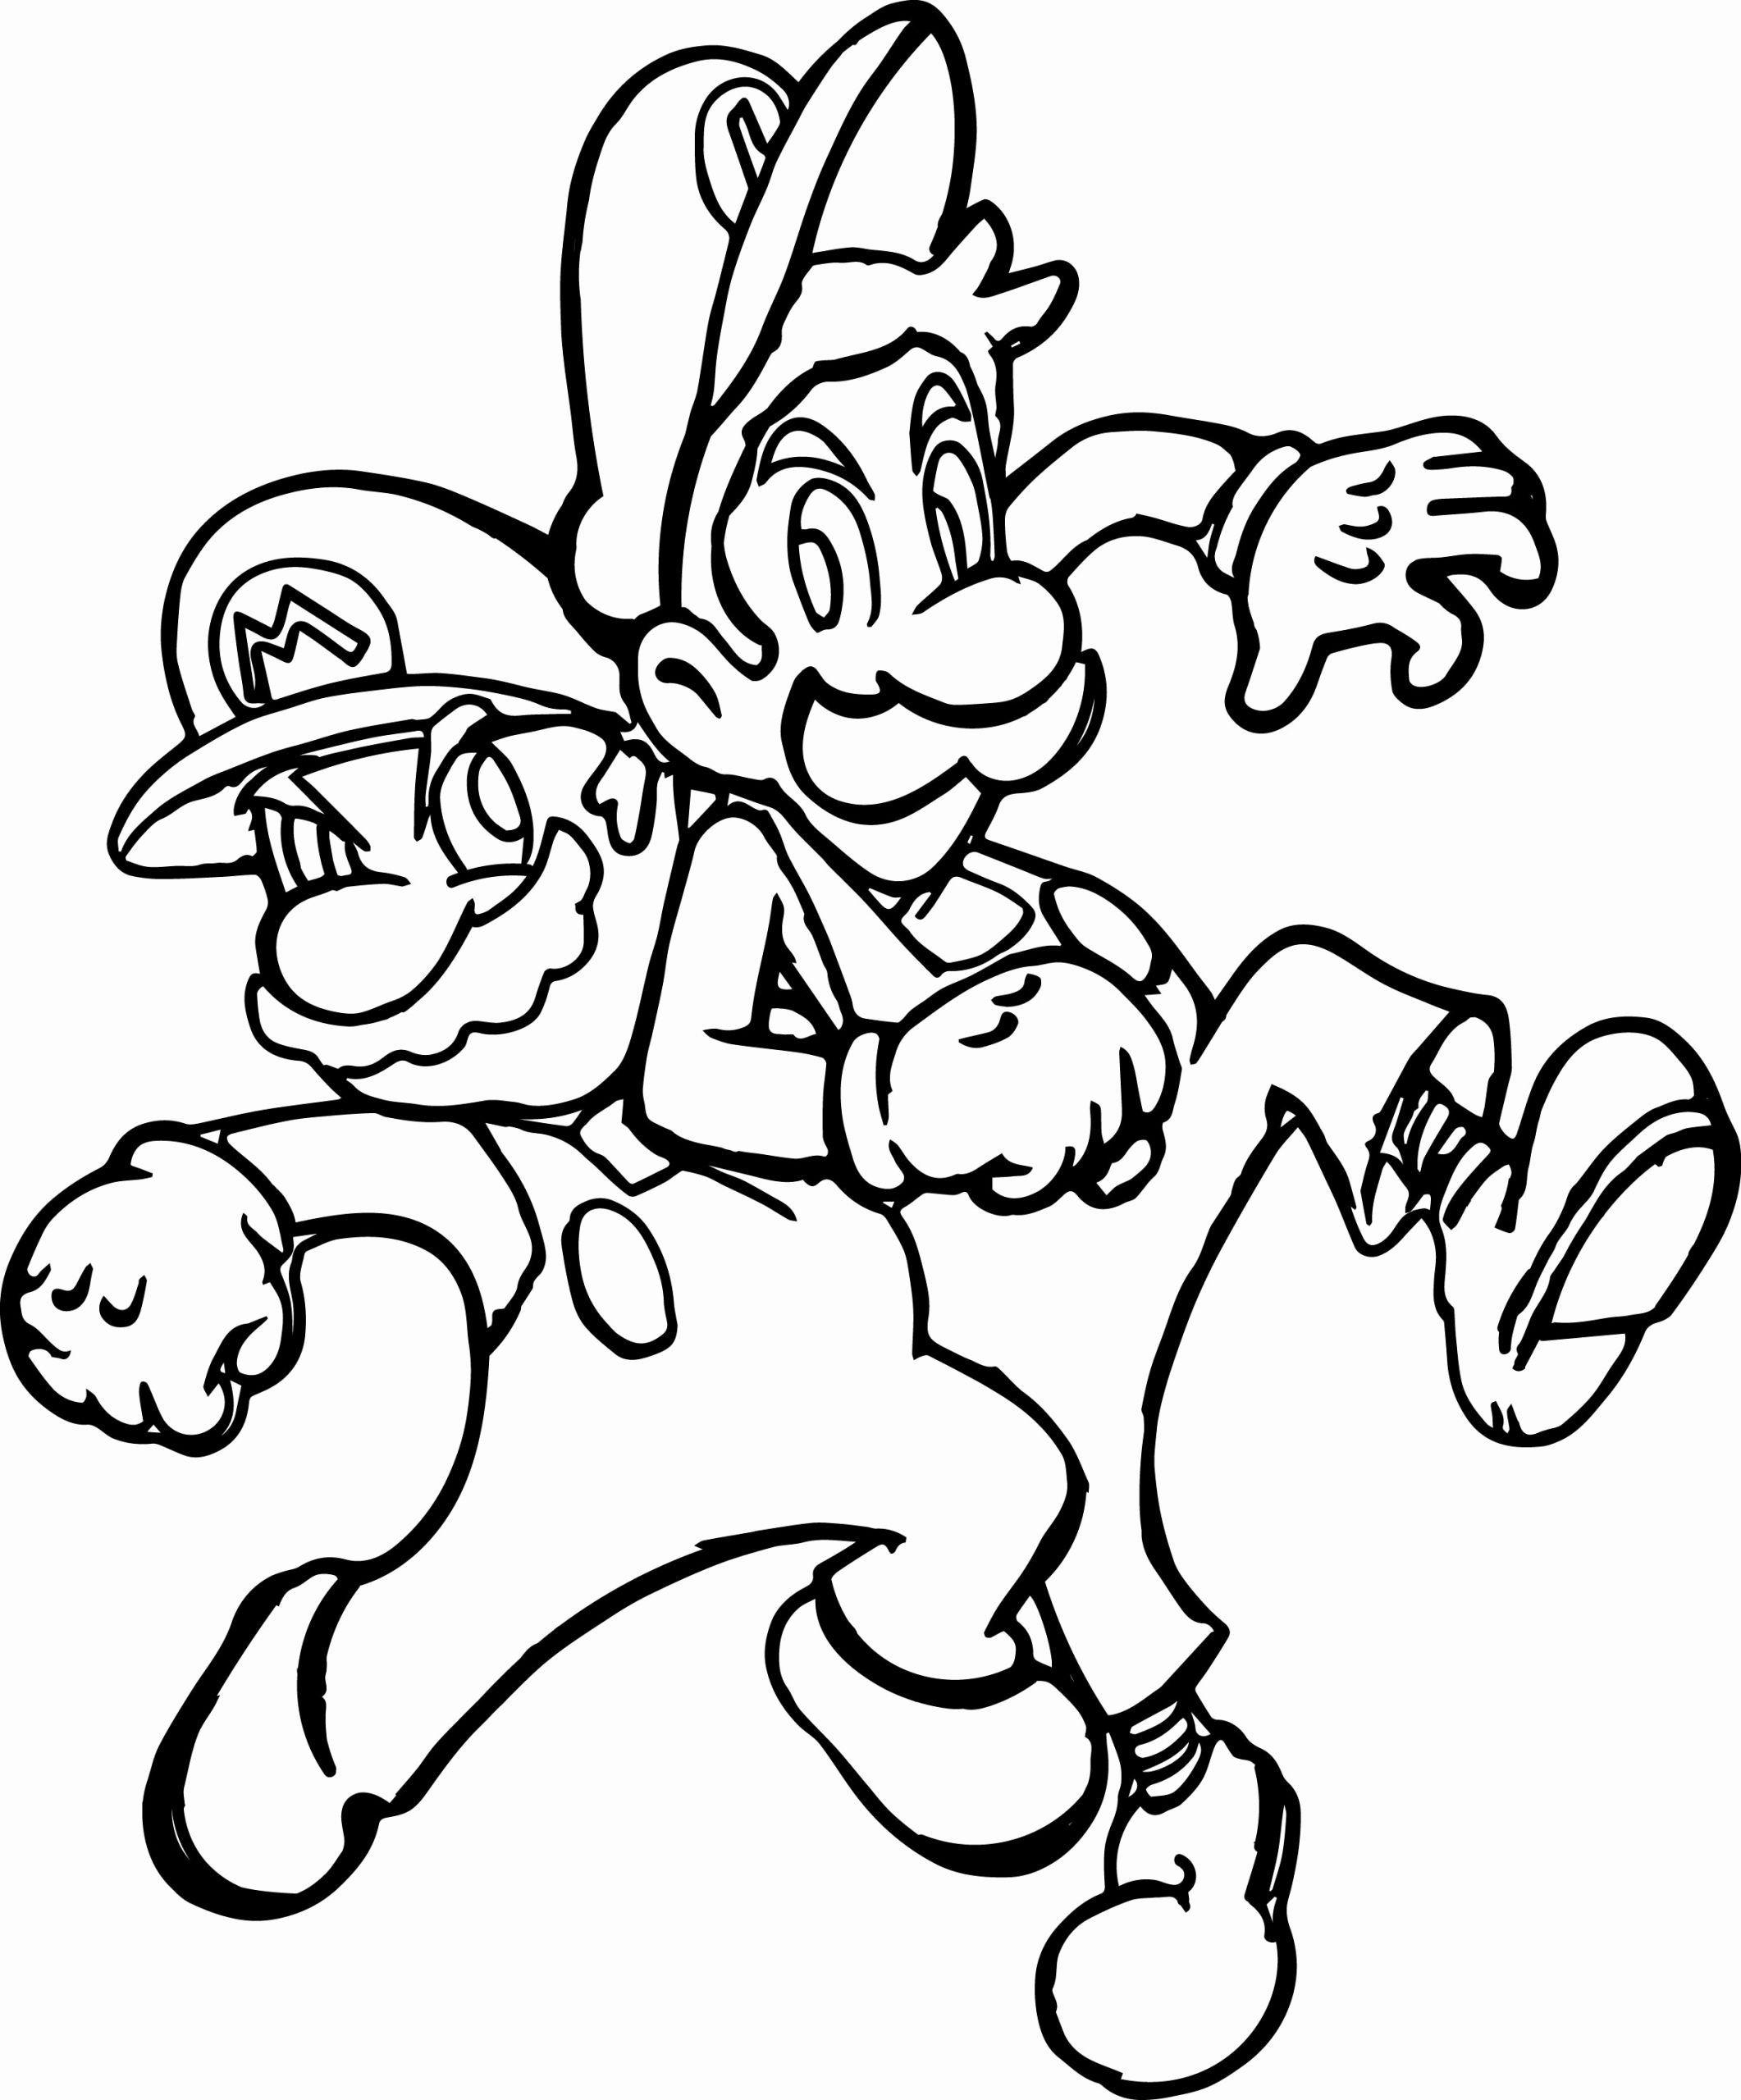 Mario And Luigi Coloring Page Luxury Super Mario And Luigi Challenge Coloring Page Mario And Luigi Coloring Pages Halloween Coloring Pages